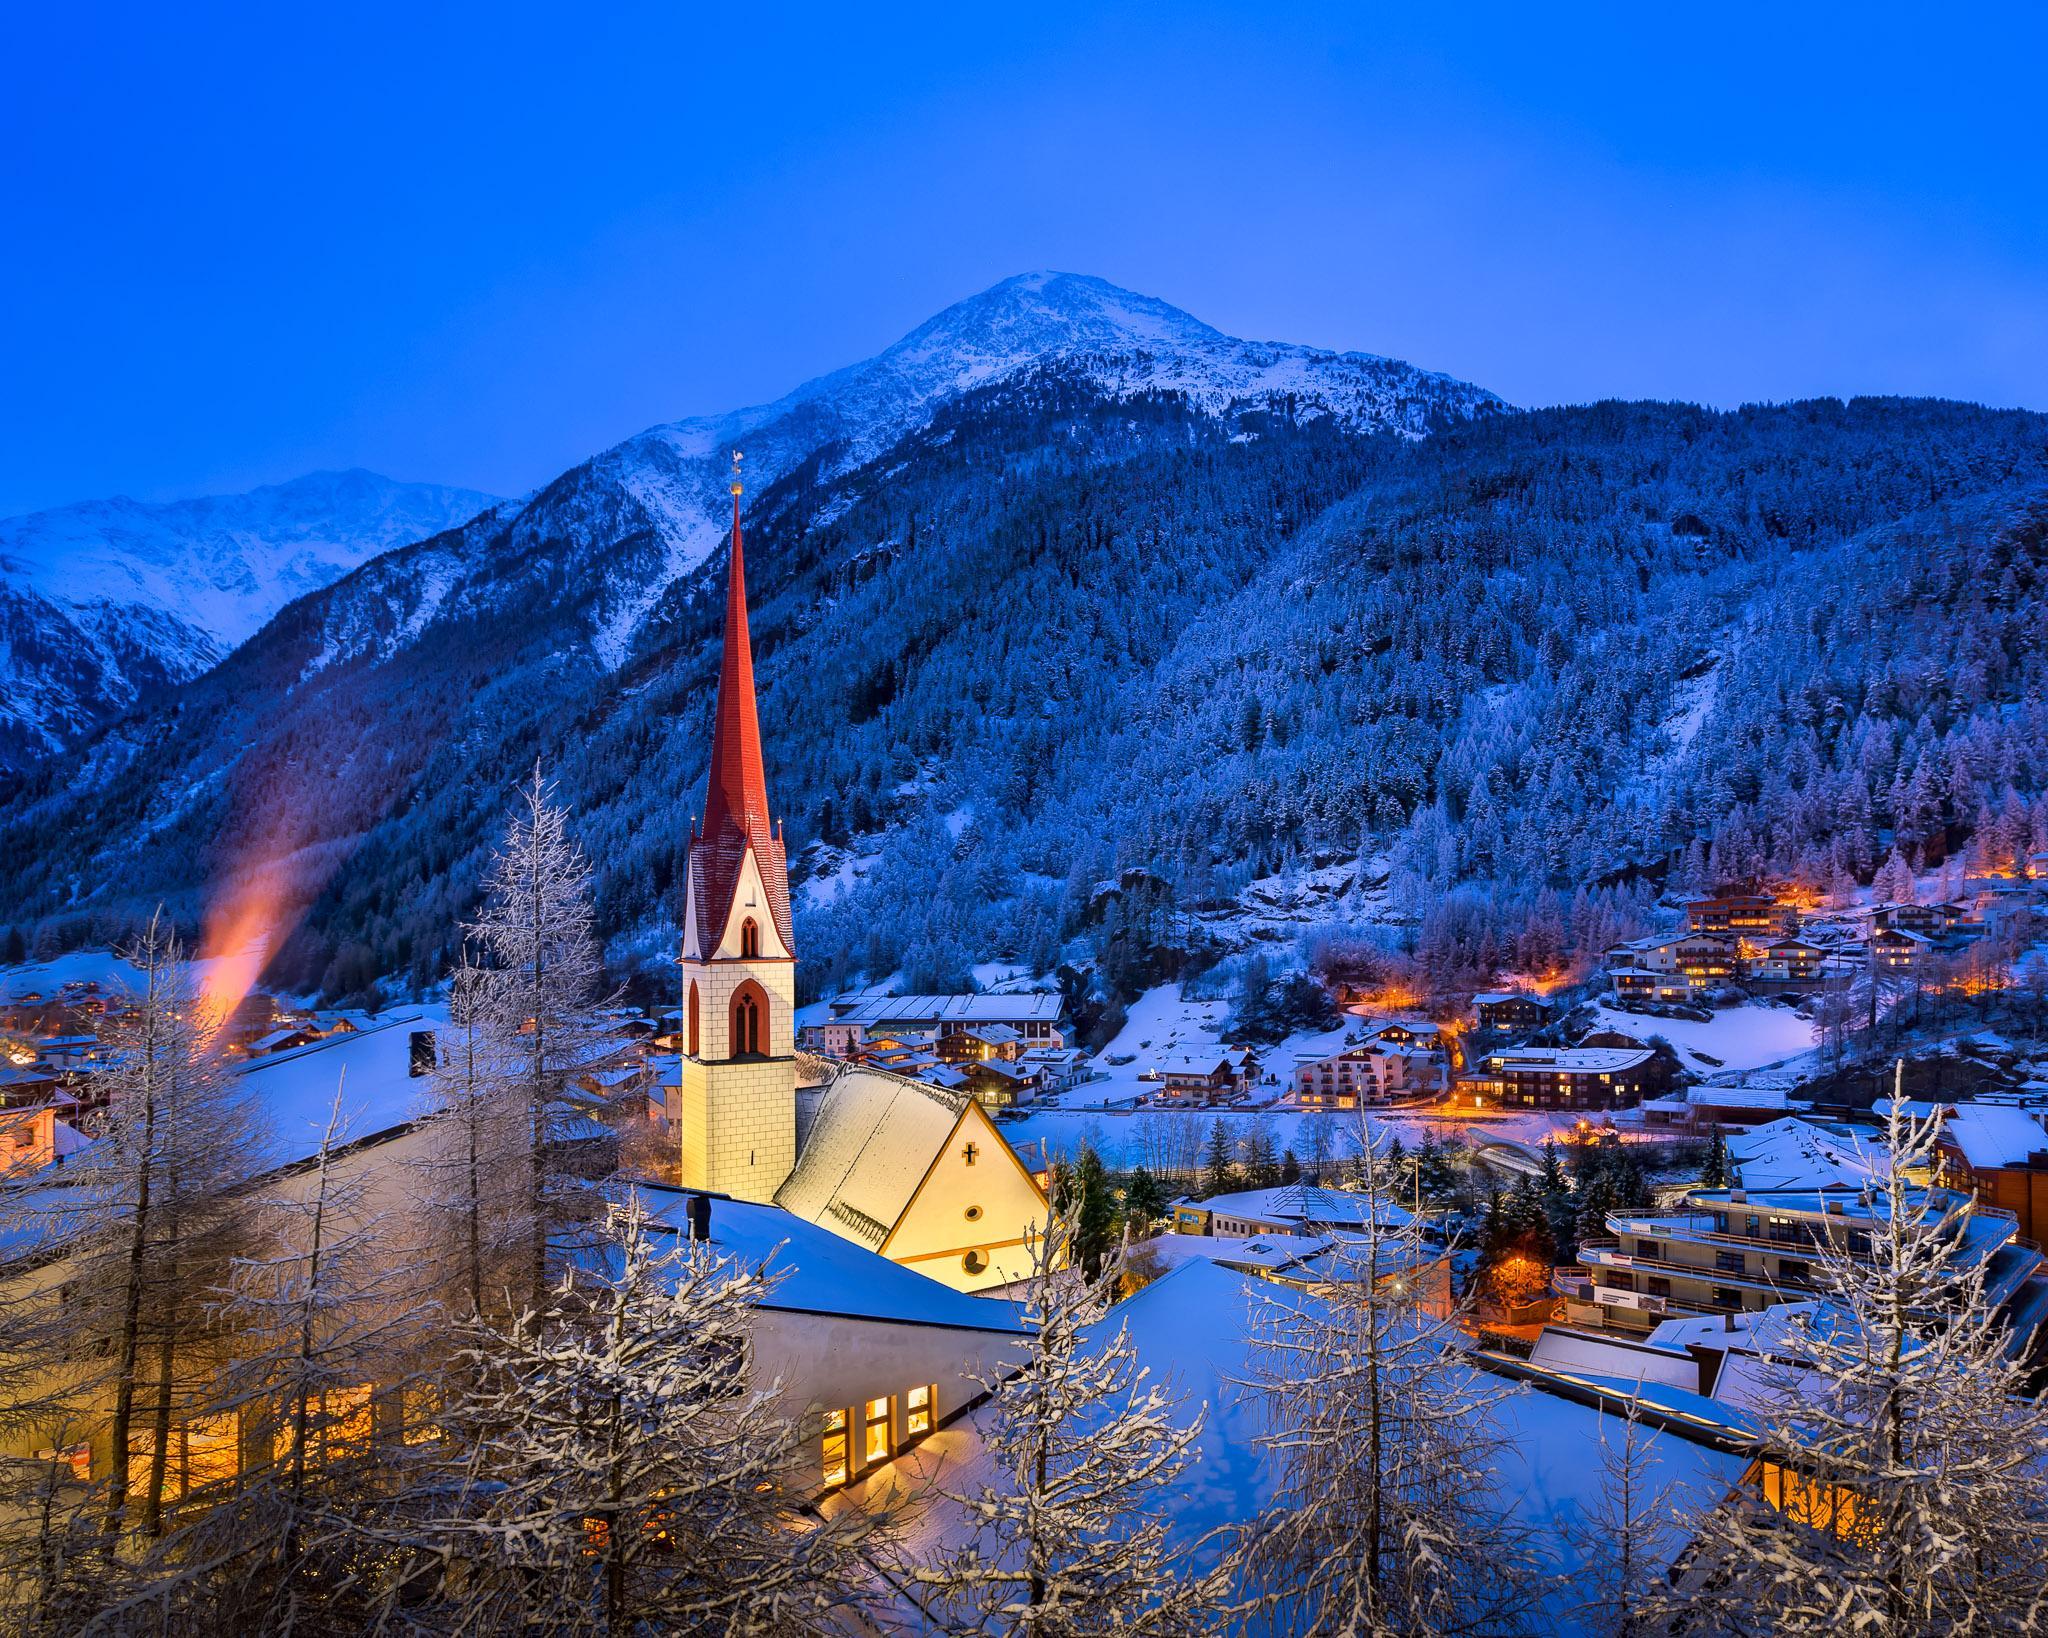 обои Горнолыжный курорт Зёльден, Тироль, Австрия, зима картинки фото